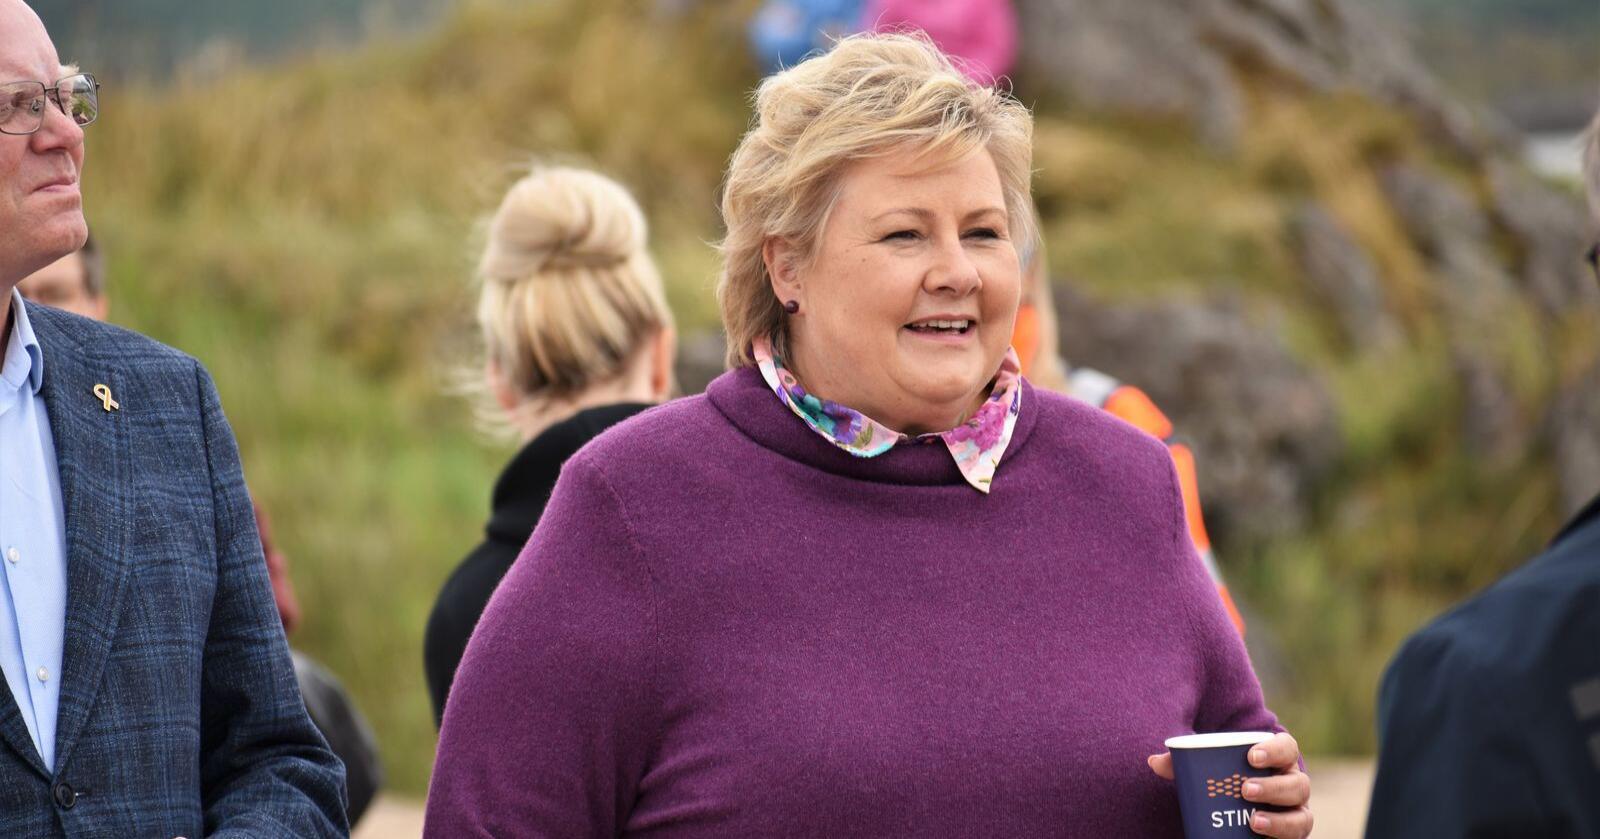 Flest nordmenn mener Erna Solberg er den beste kandidaten til å lede Norge videre etter neste valg. Foto: Henrik Heldahl